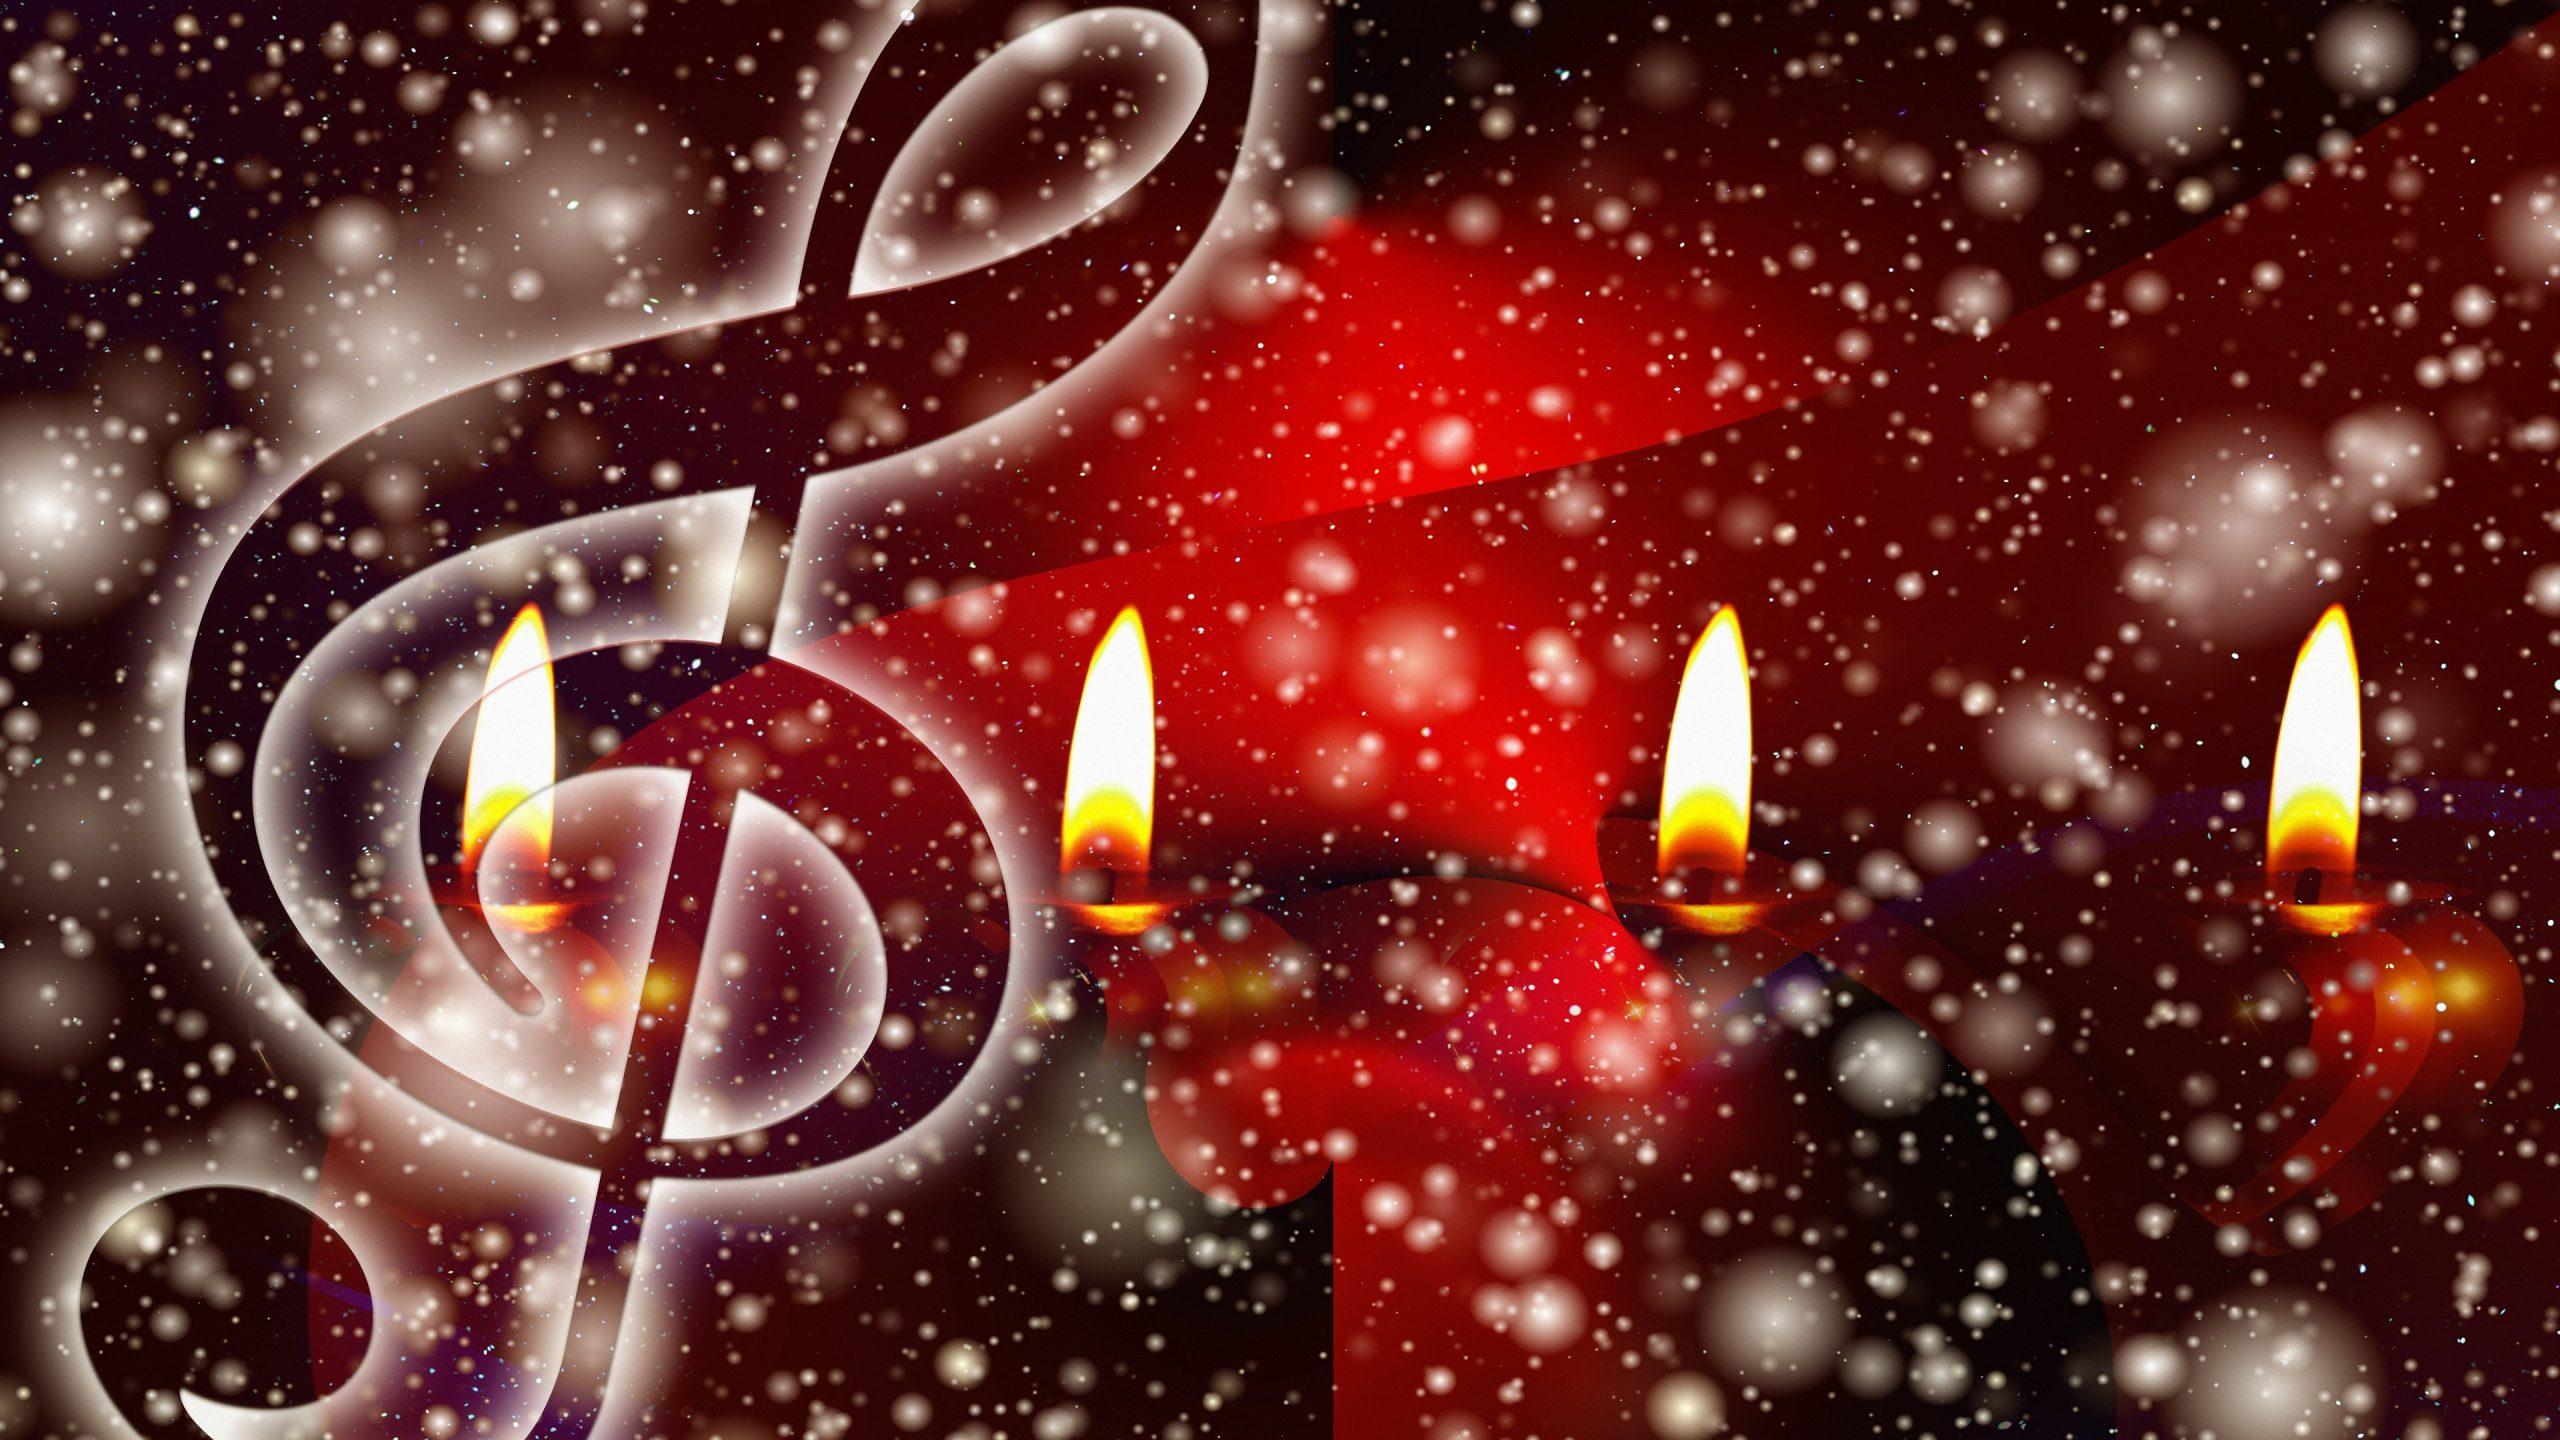 Advent Hintergrundbilder Gratis 3840X2160 mit Adventsbilder Kostenlos Herunterladen